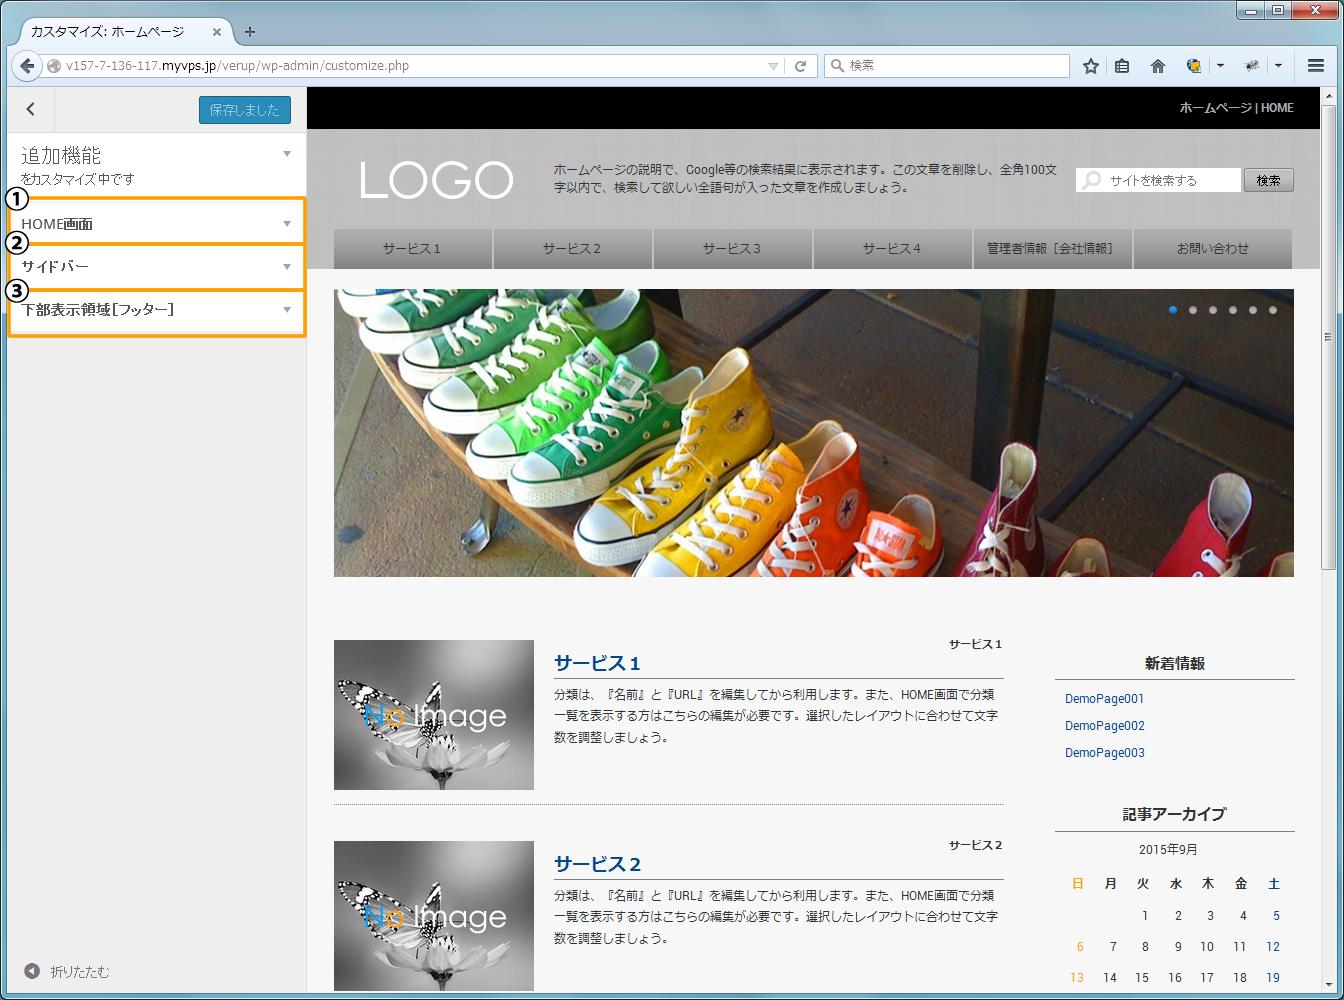 サイトデザイン 追加機能 | 初期費用無料ホームページ作成サイト - FunMaker